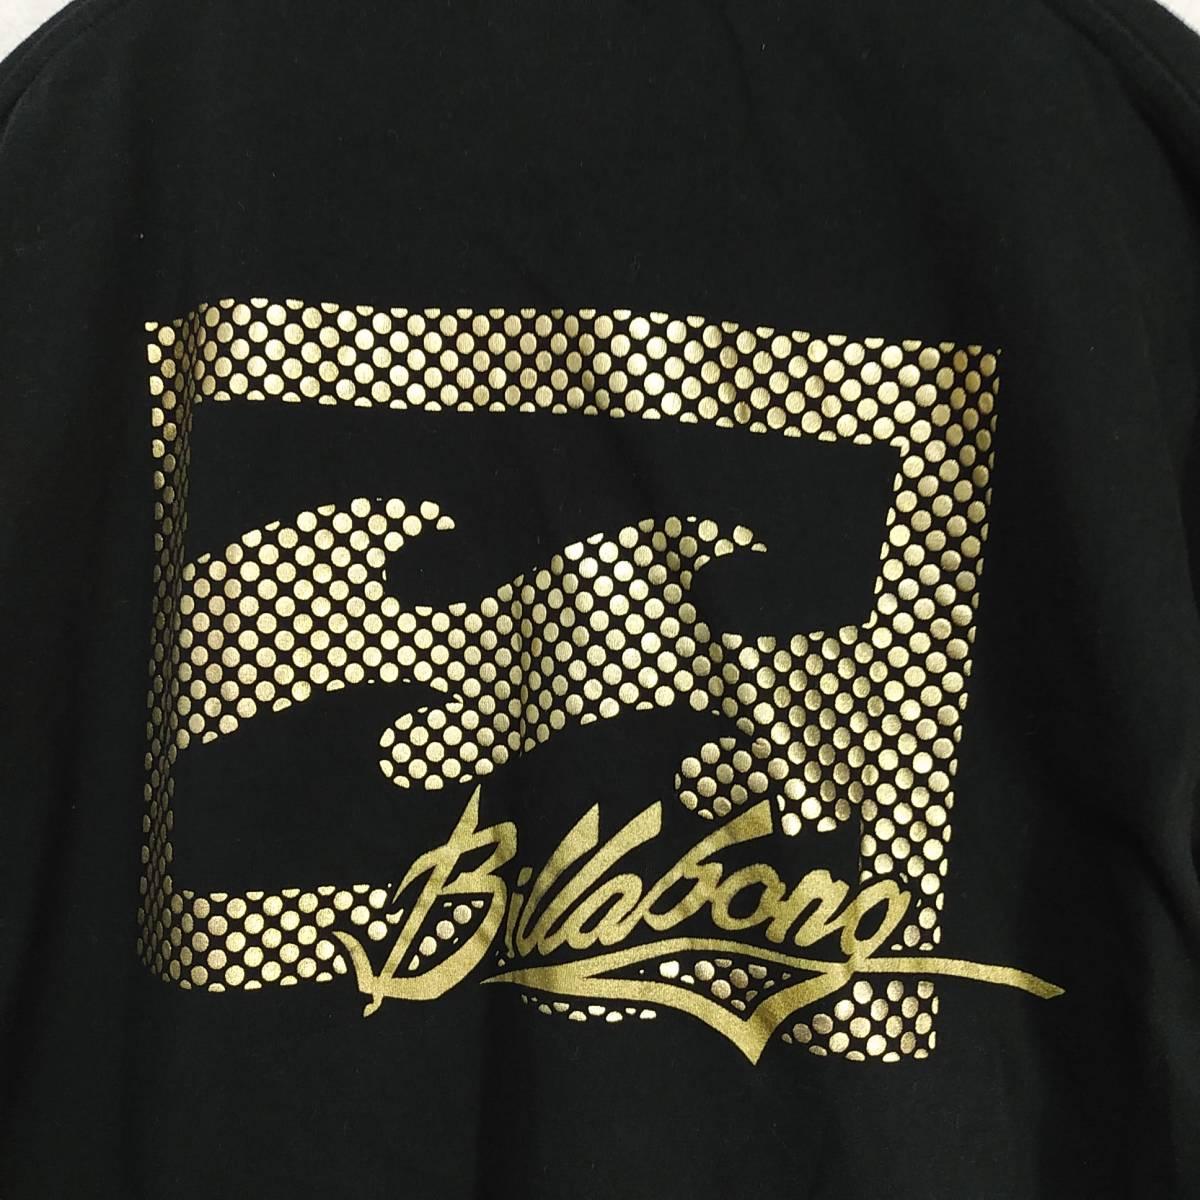 【platinum tailored by billabong】ビラボン Tシャツ メンズL ゴールド×ブラック ロゴ  190603-15333_画像2